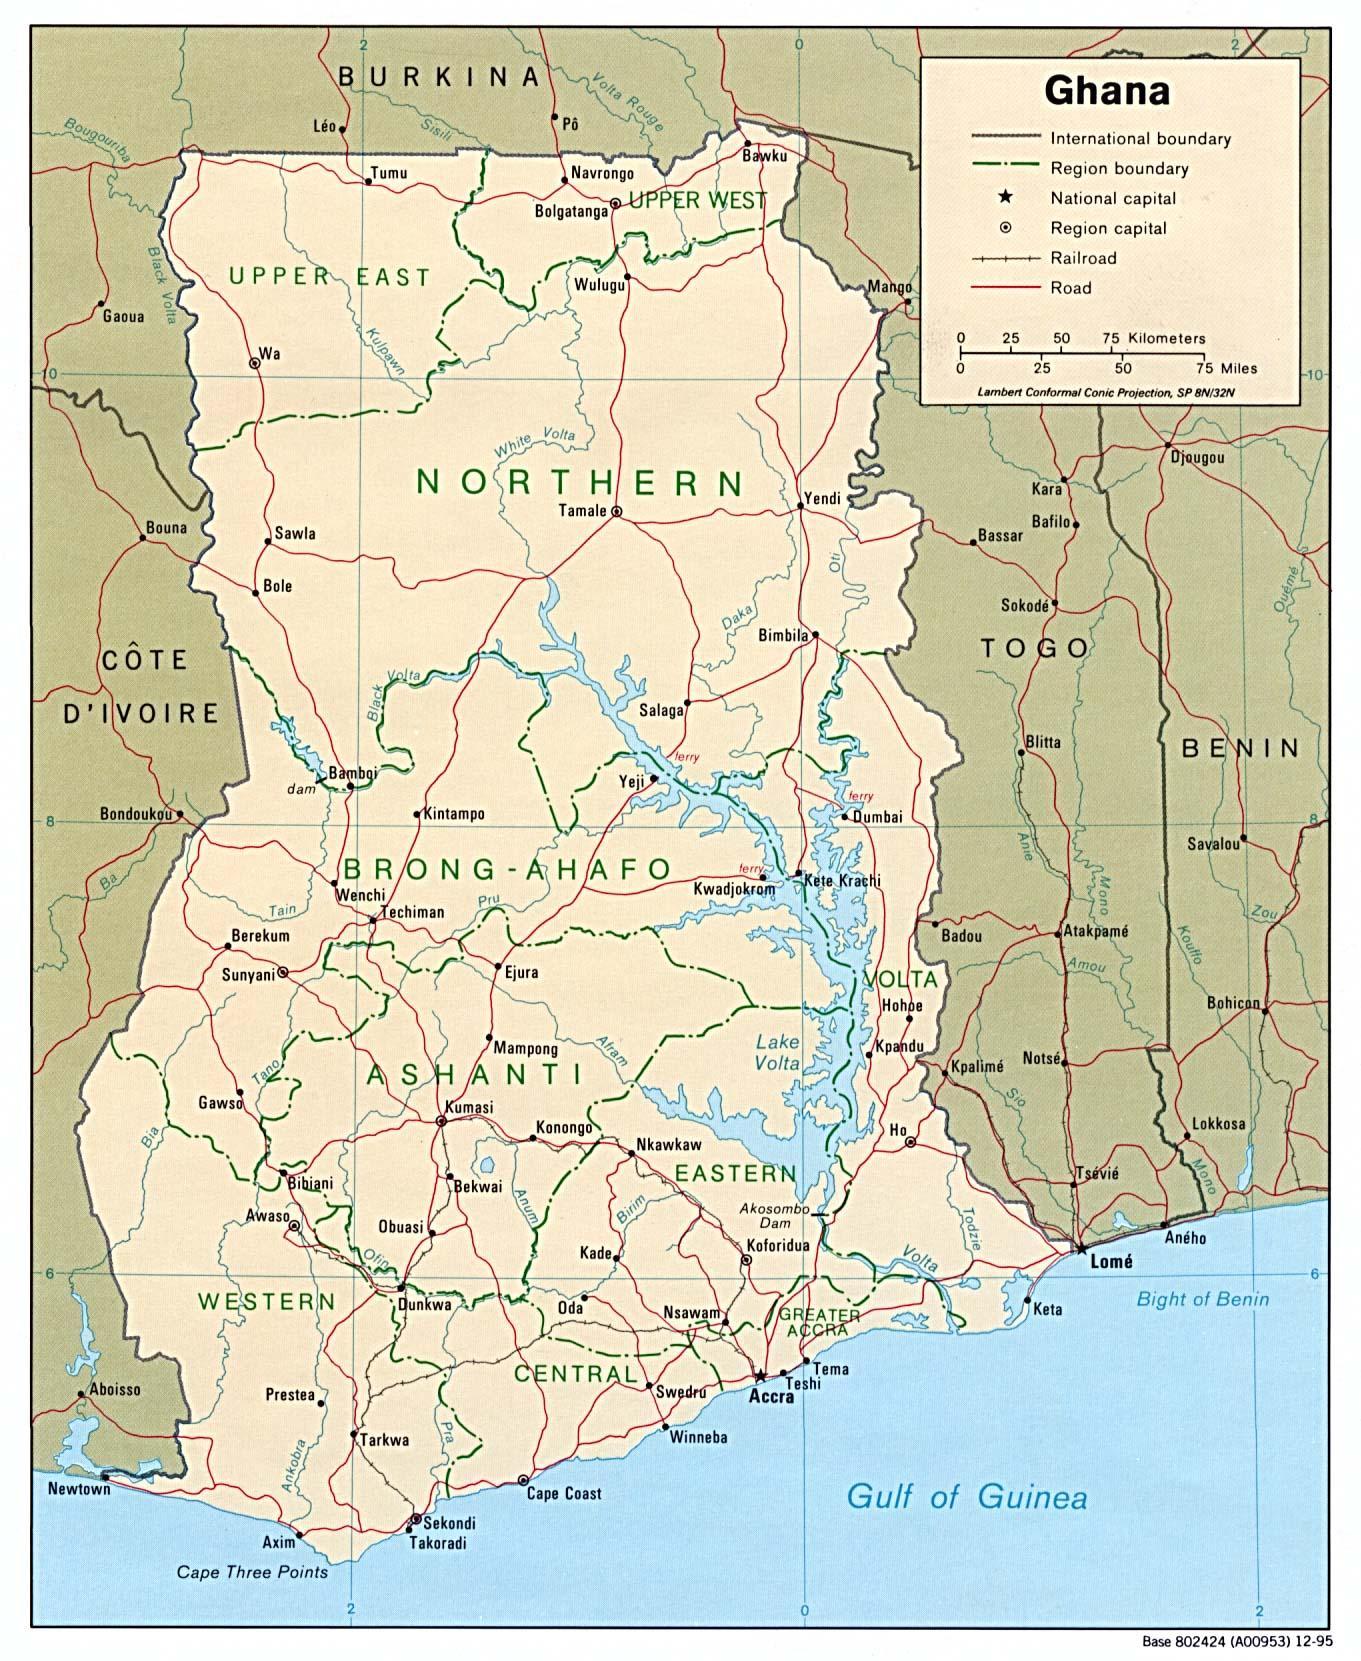 Kort Over Ghana Der Viser Byer Ghana Kort Med Byer Og Byer I